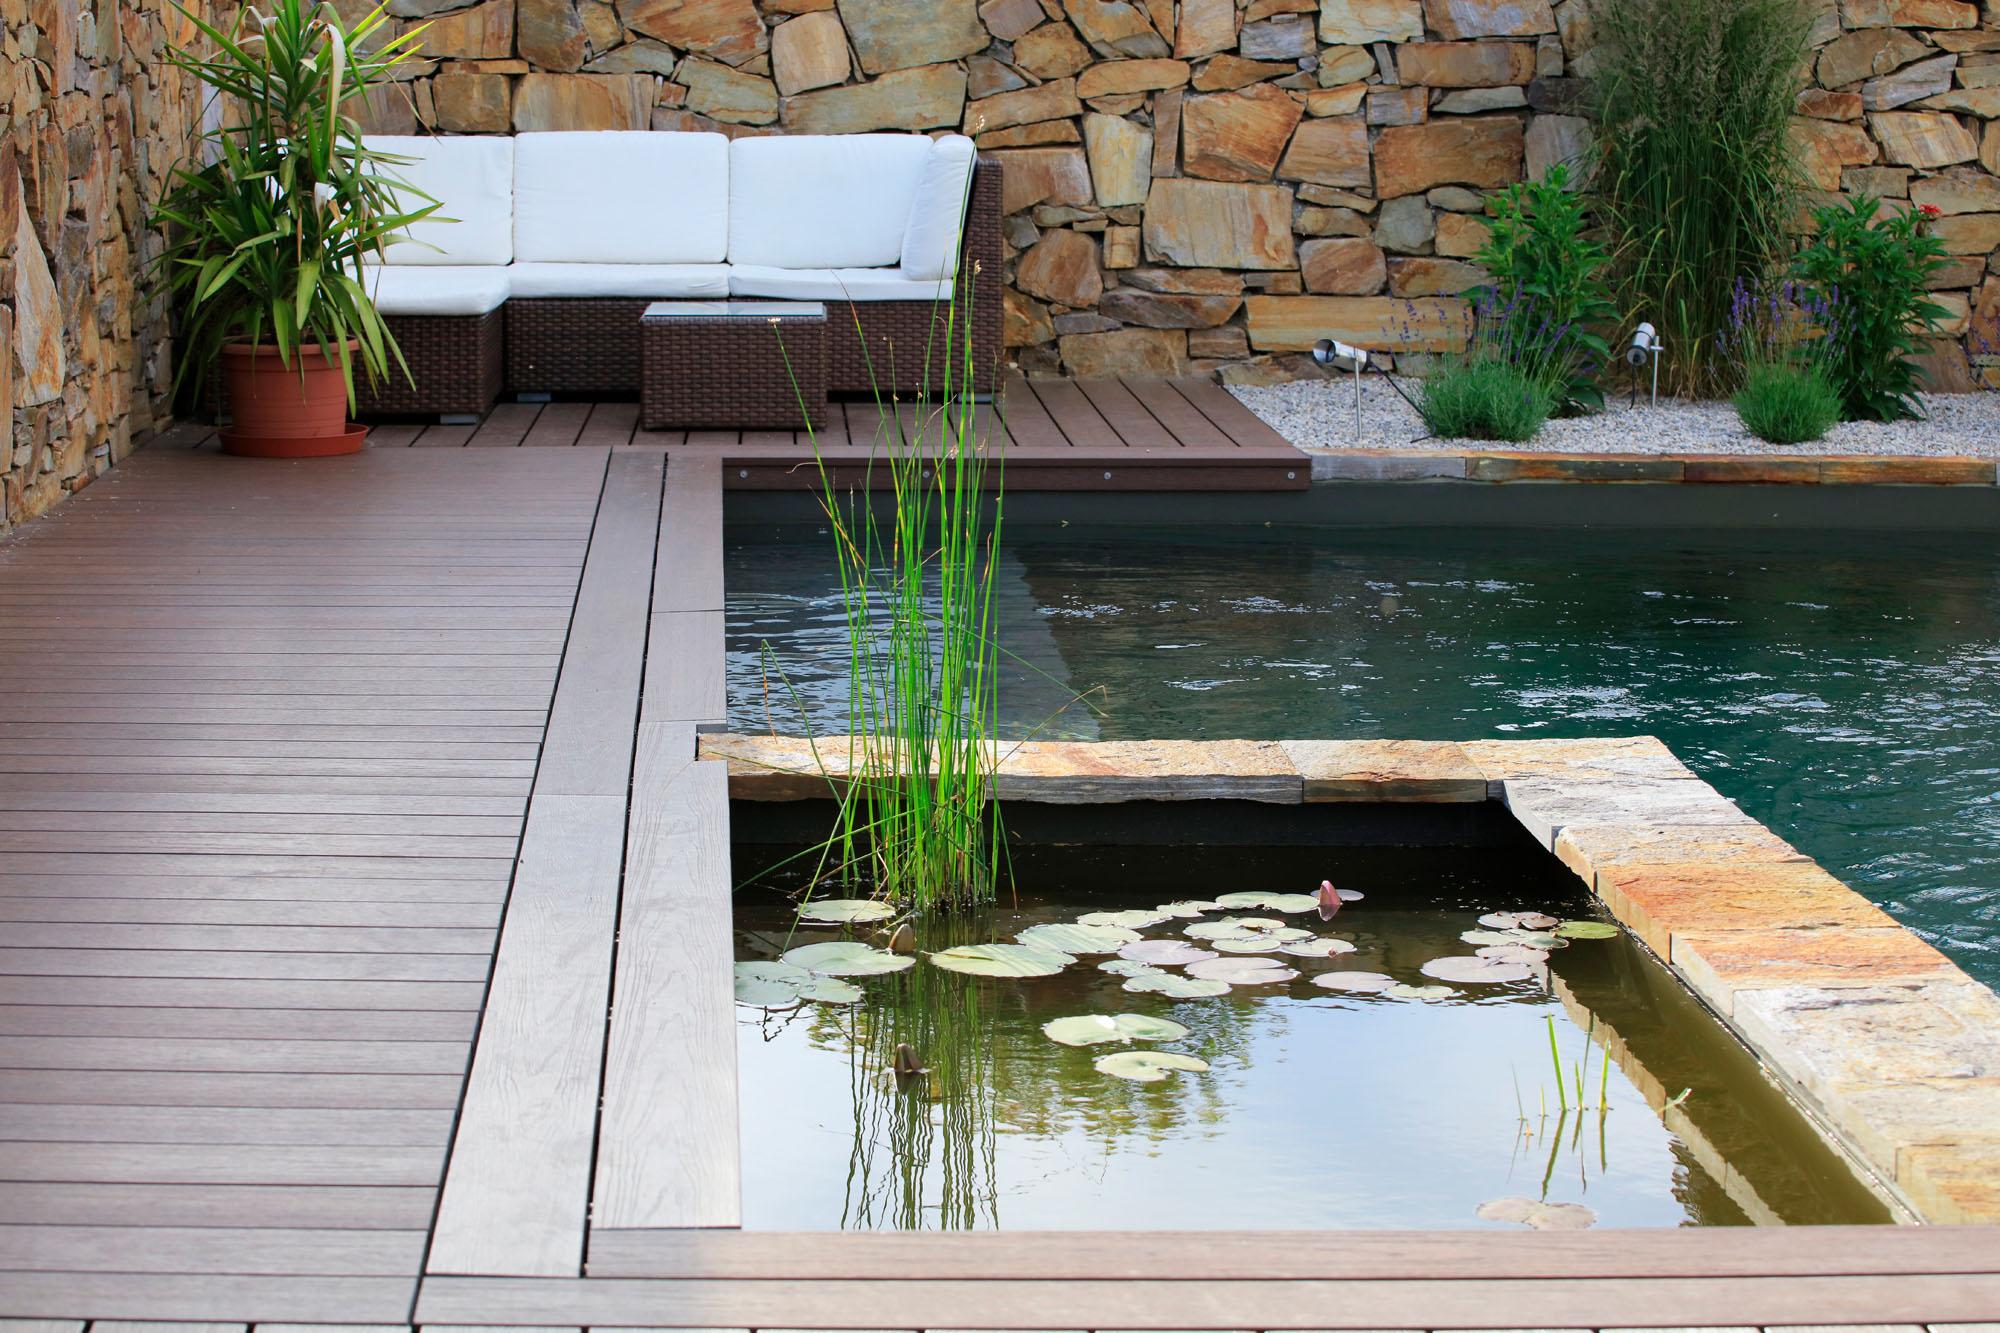 2. Tag des Living Pools